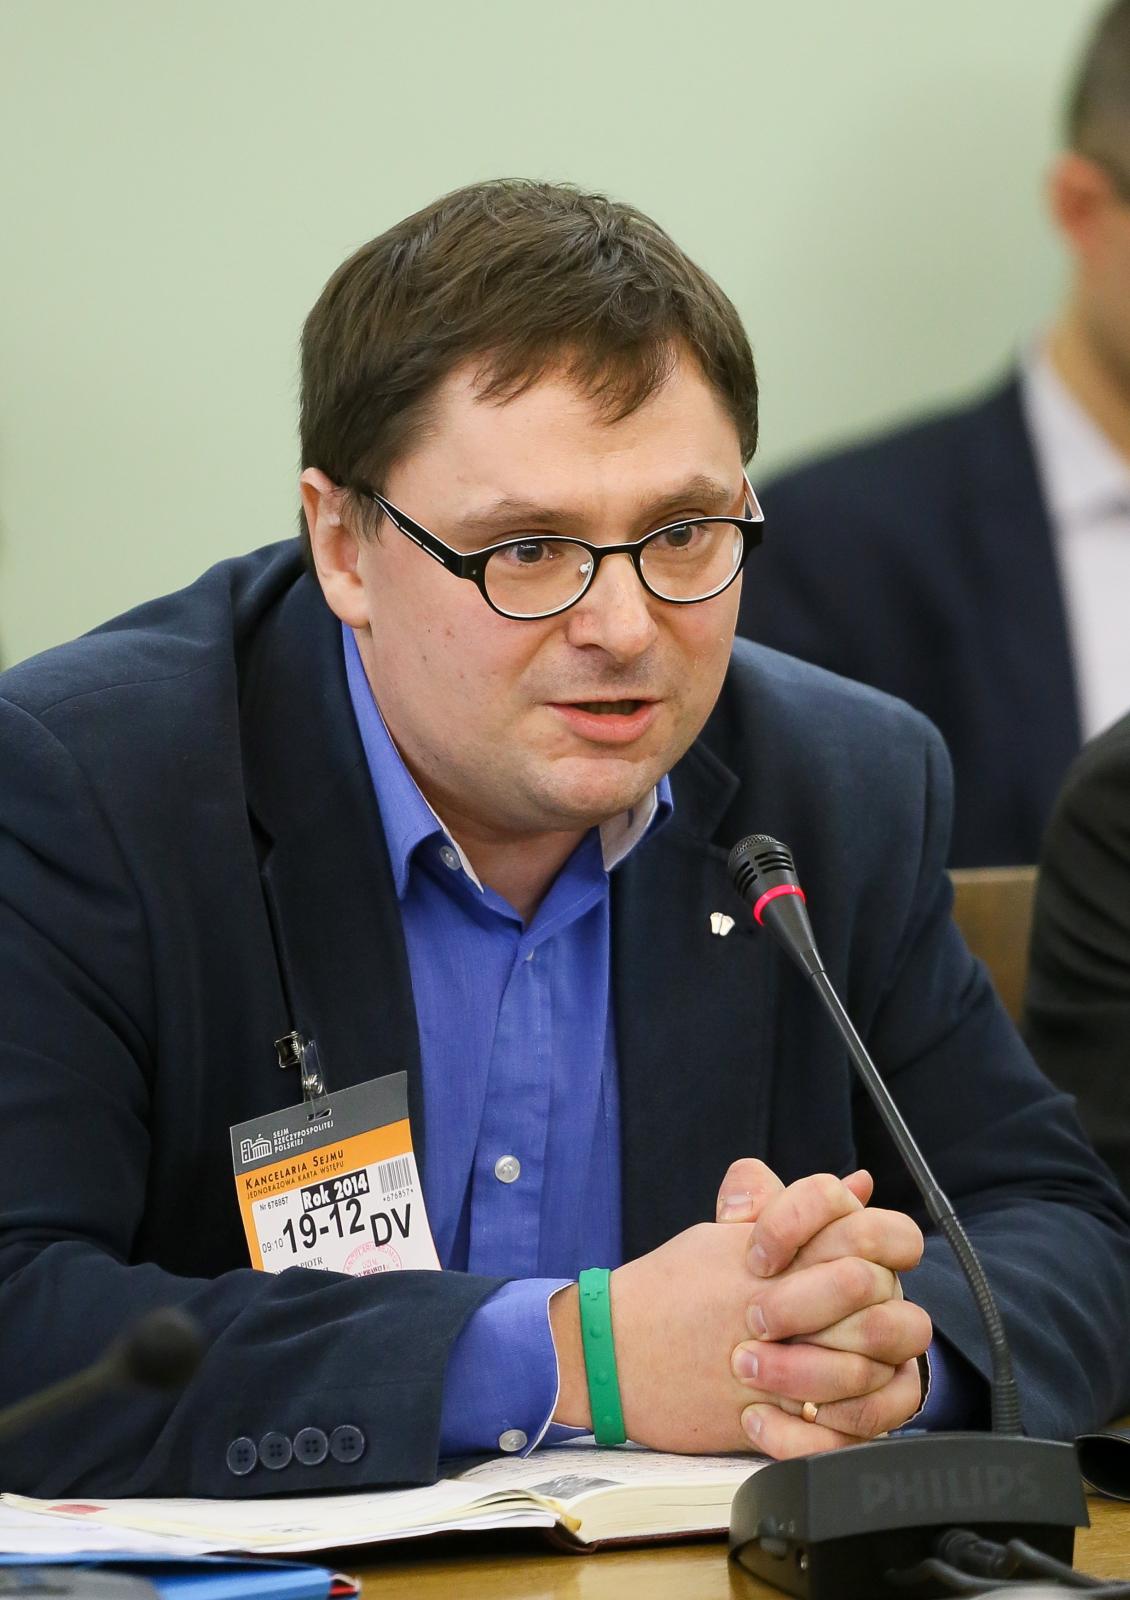 Redaktor Naczelny Telewizji Republika Tomasz Terlikowski, podczas posiedzenia Sejmowej Komisji Kultury i Środków Przekazu